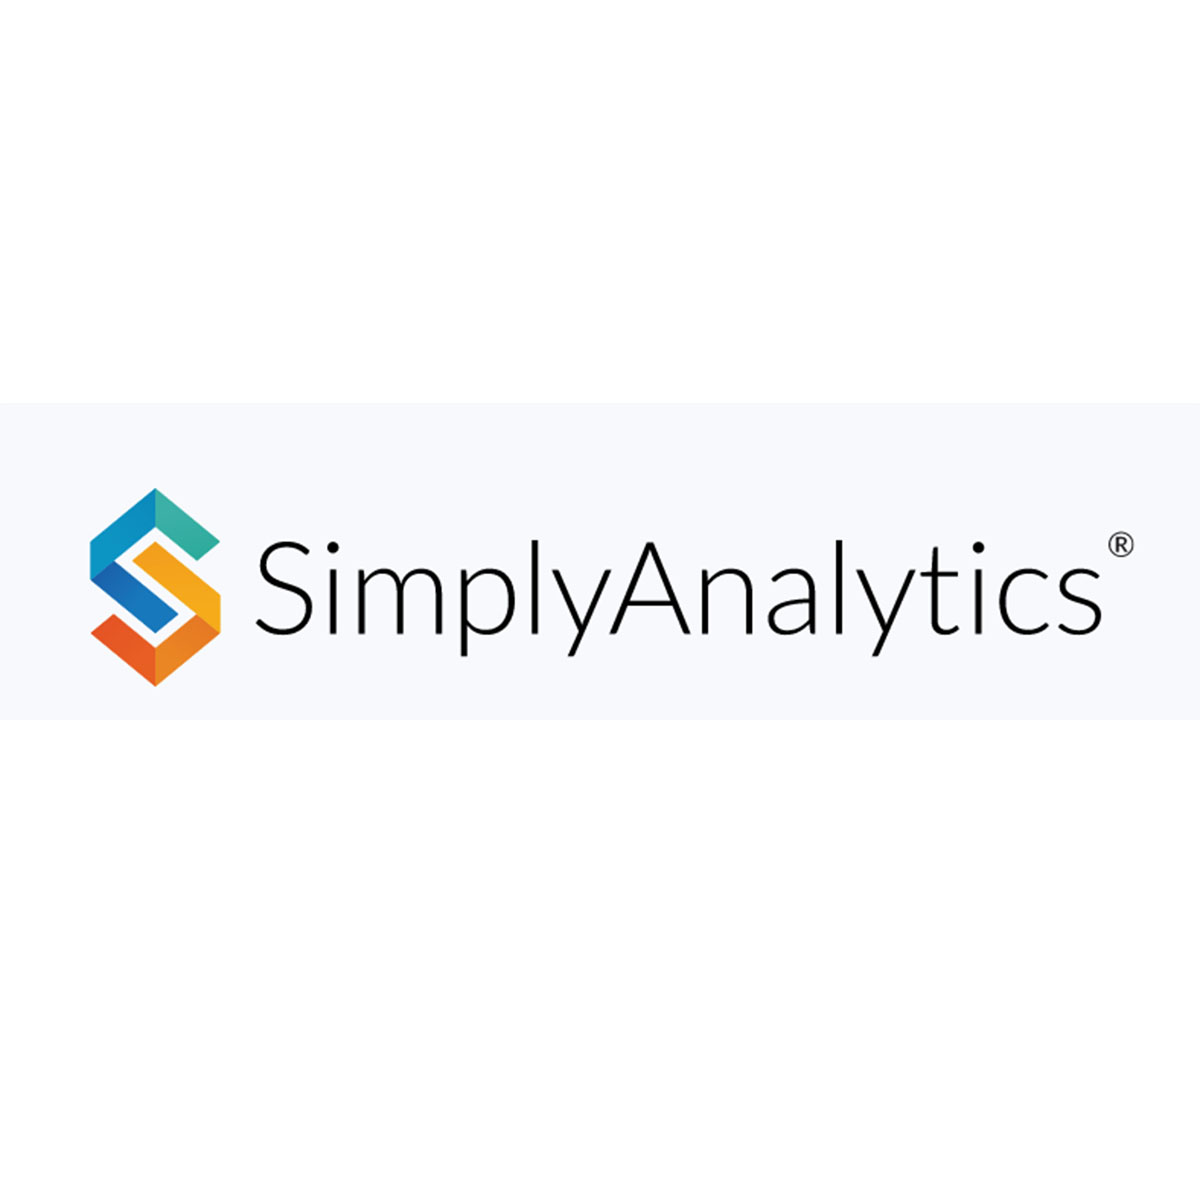 SimplyAnalytics Overview